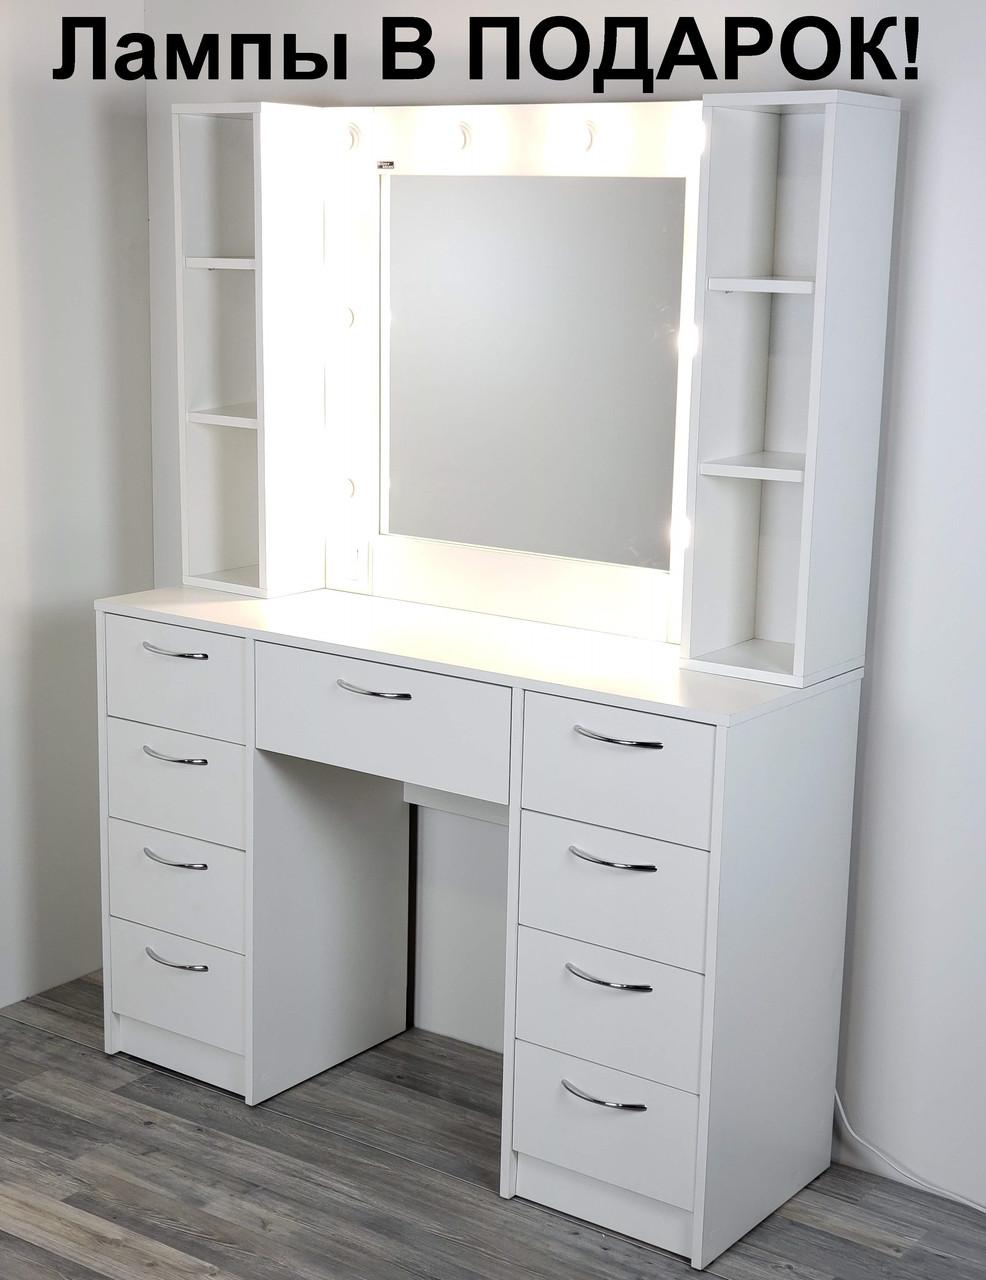 Акция! Гримерный туалетный визажный стол для макияжа с зеркалом с лампочками с подсветкой для визажиста!